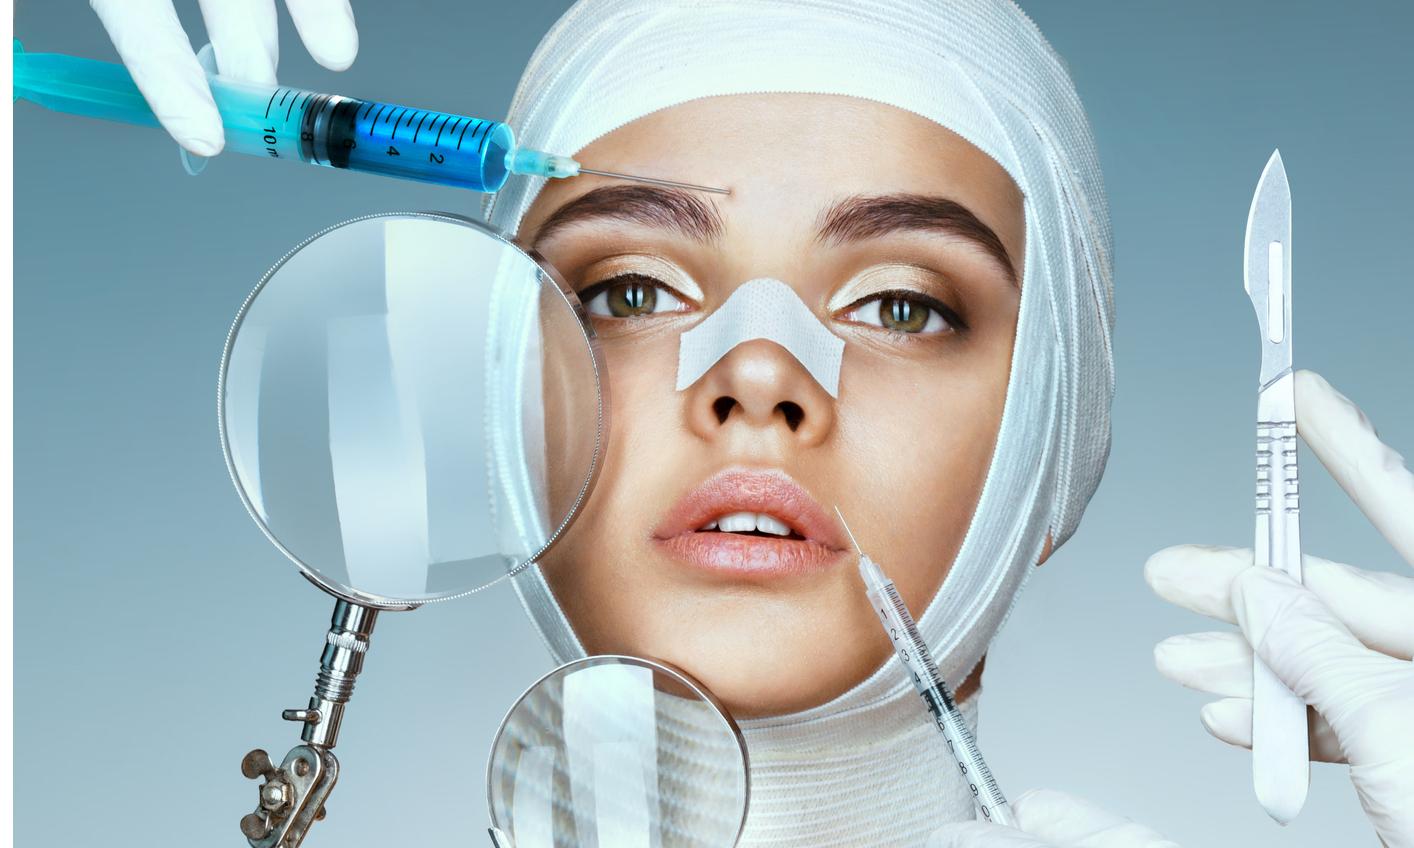 Вчерашний день: процедуры и операции, которые уже не в моде